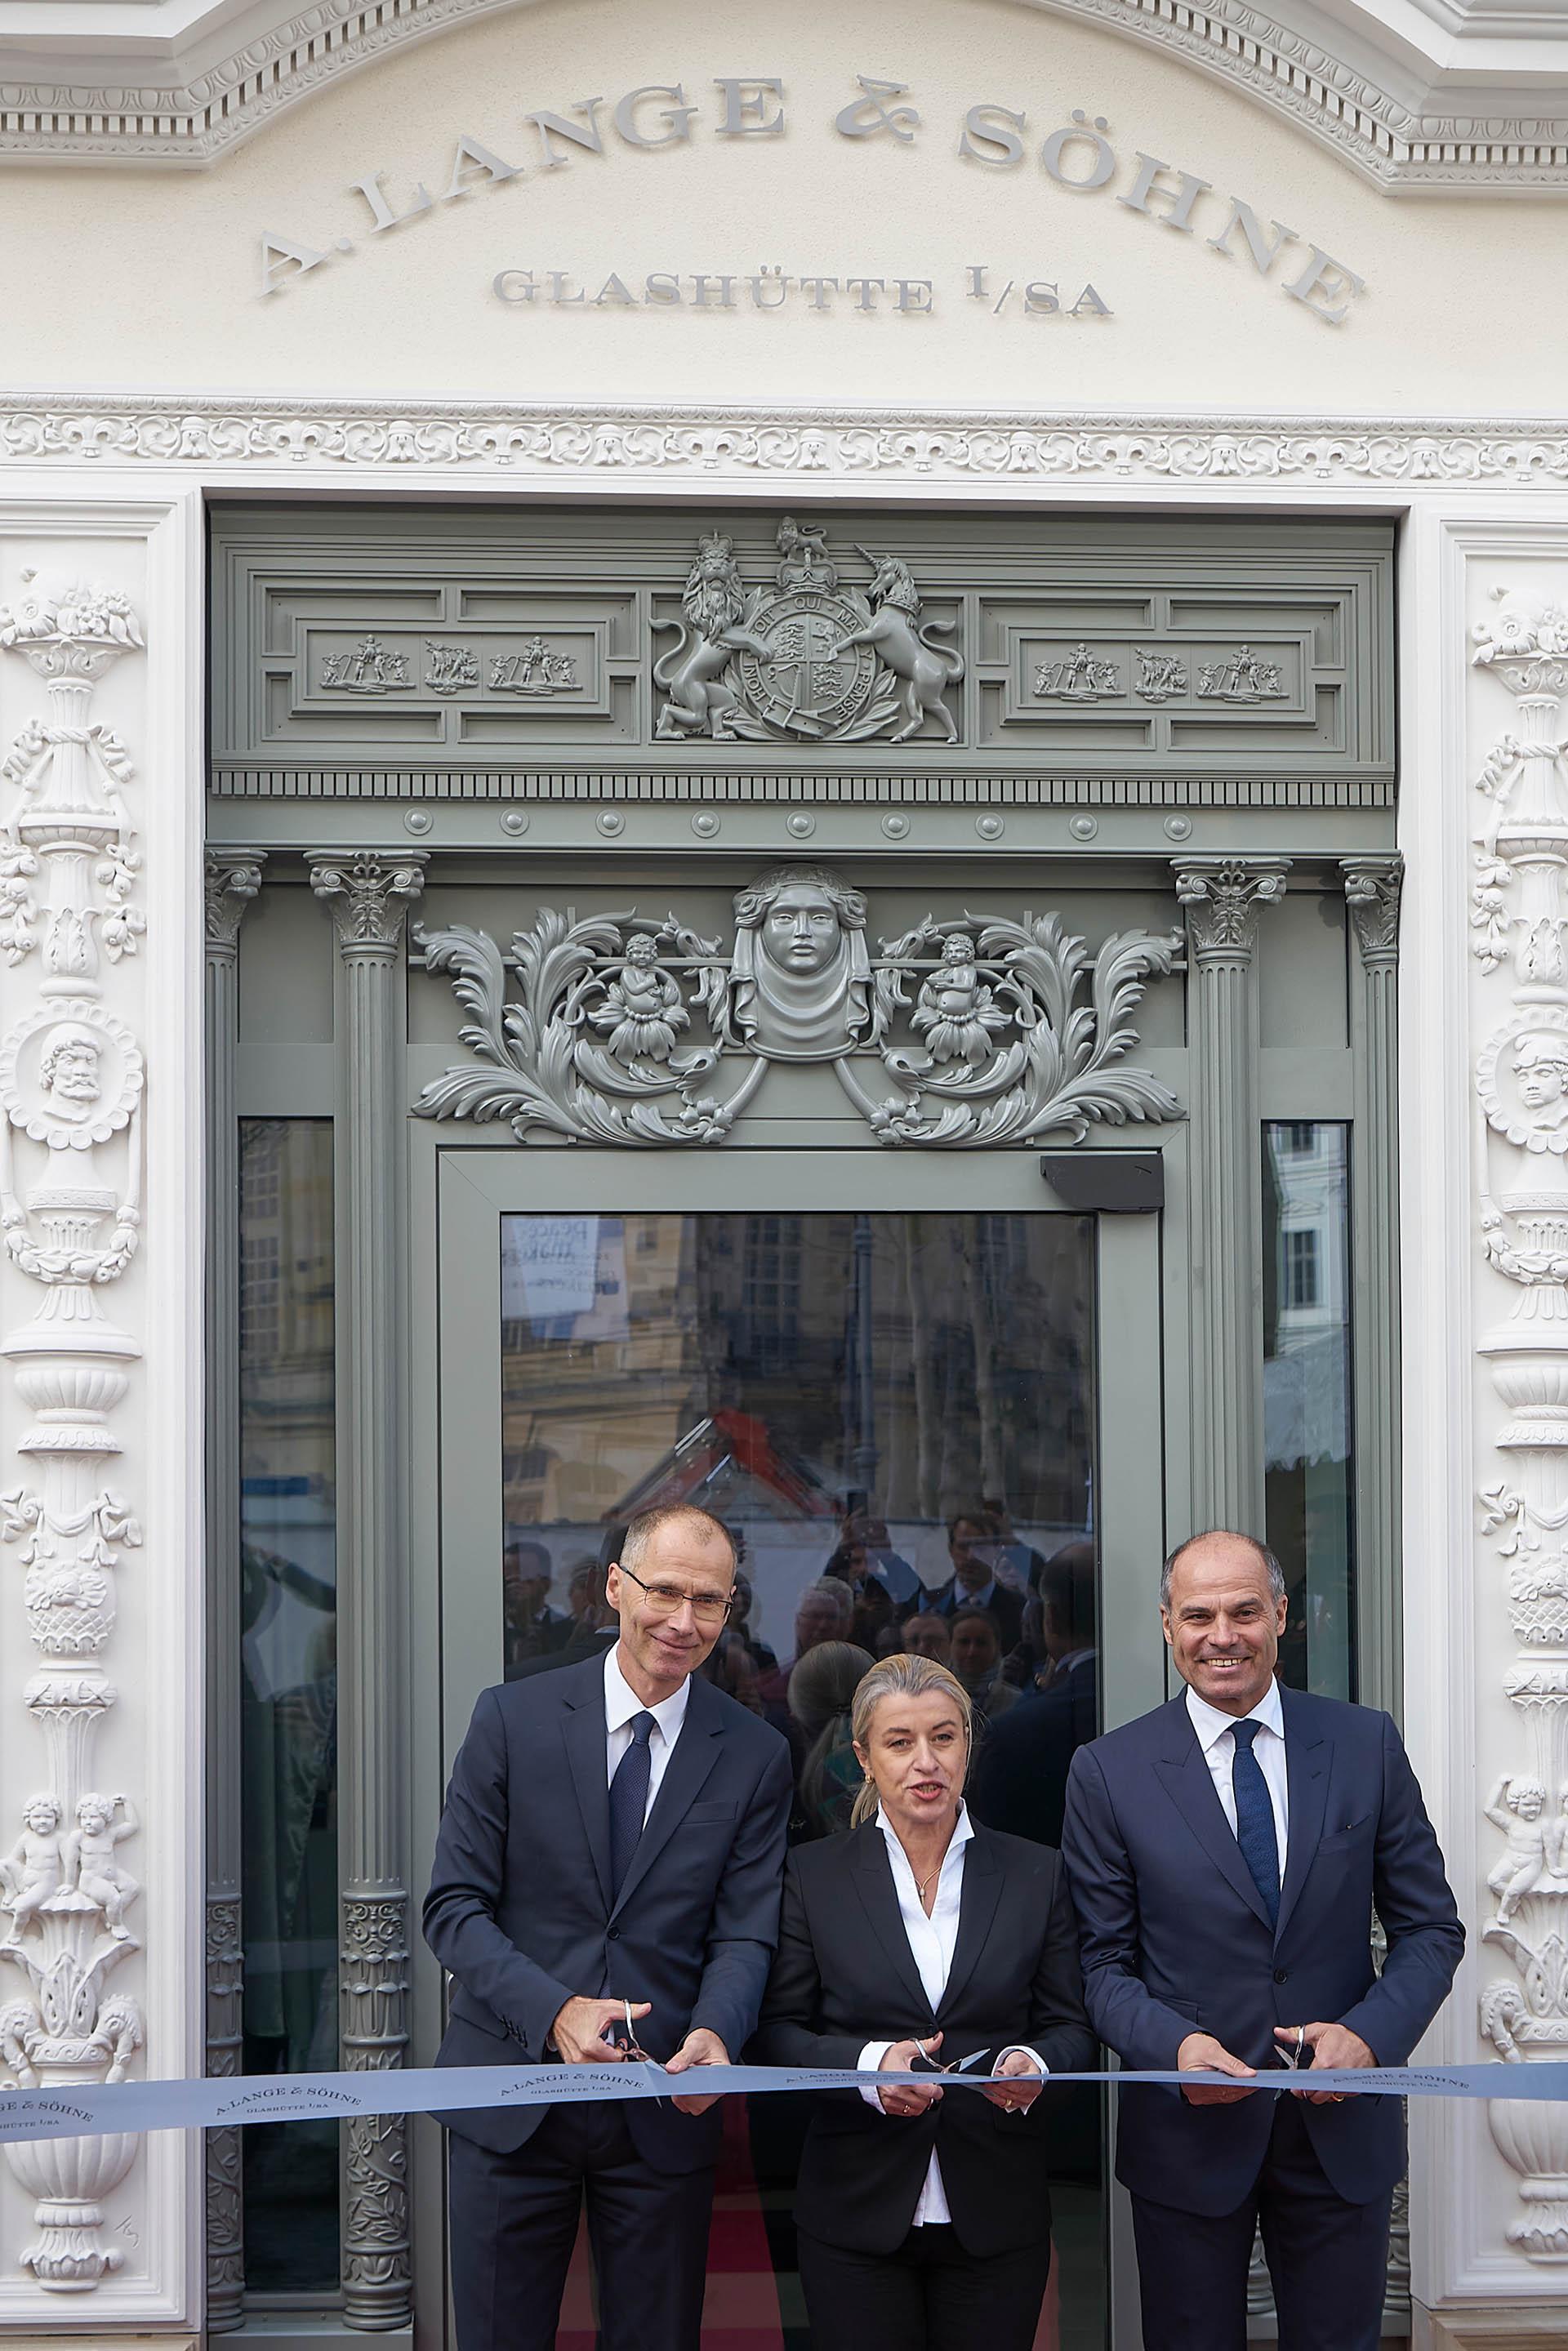 Filialleiterin Ulrike Brähmig-Heydenreich (Mitte) eröffnete mit Pressechef Arnd Einhorn (links) und Europadirektor Peter Justenhoven die neue Boutique.